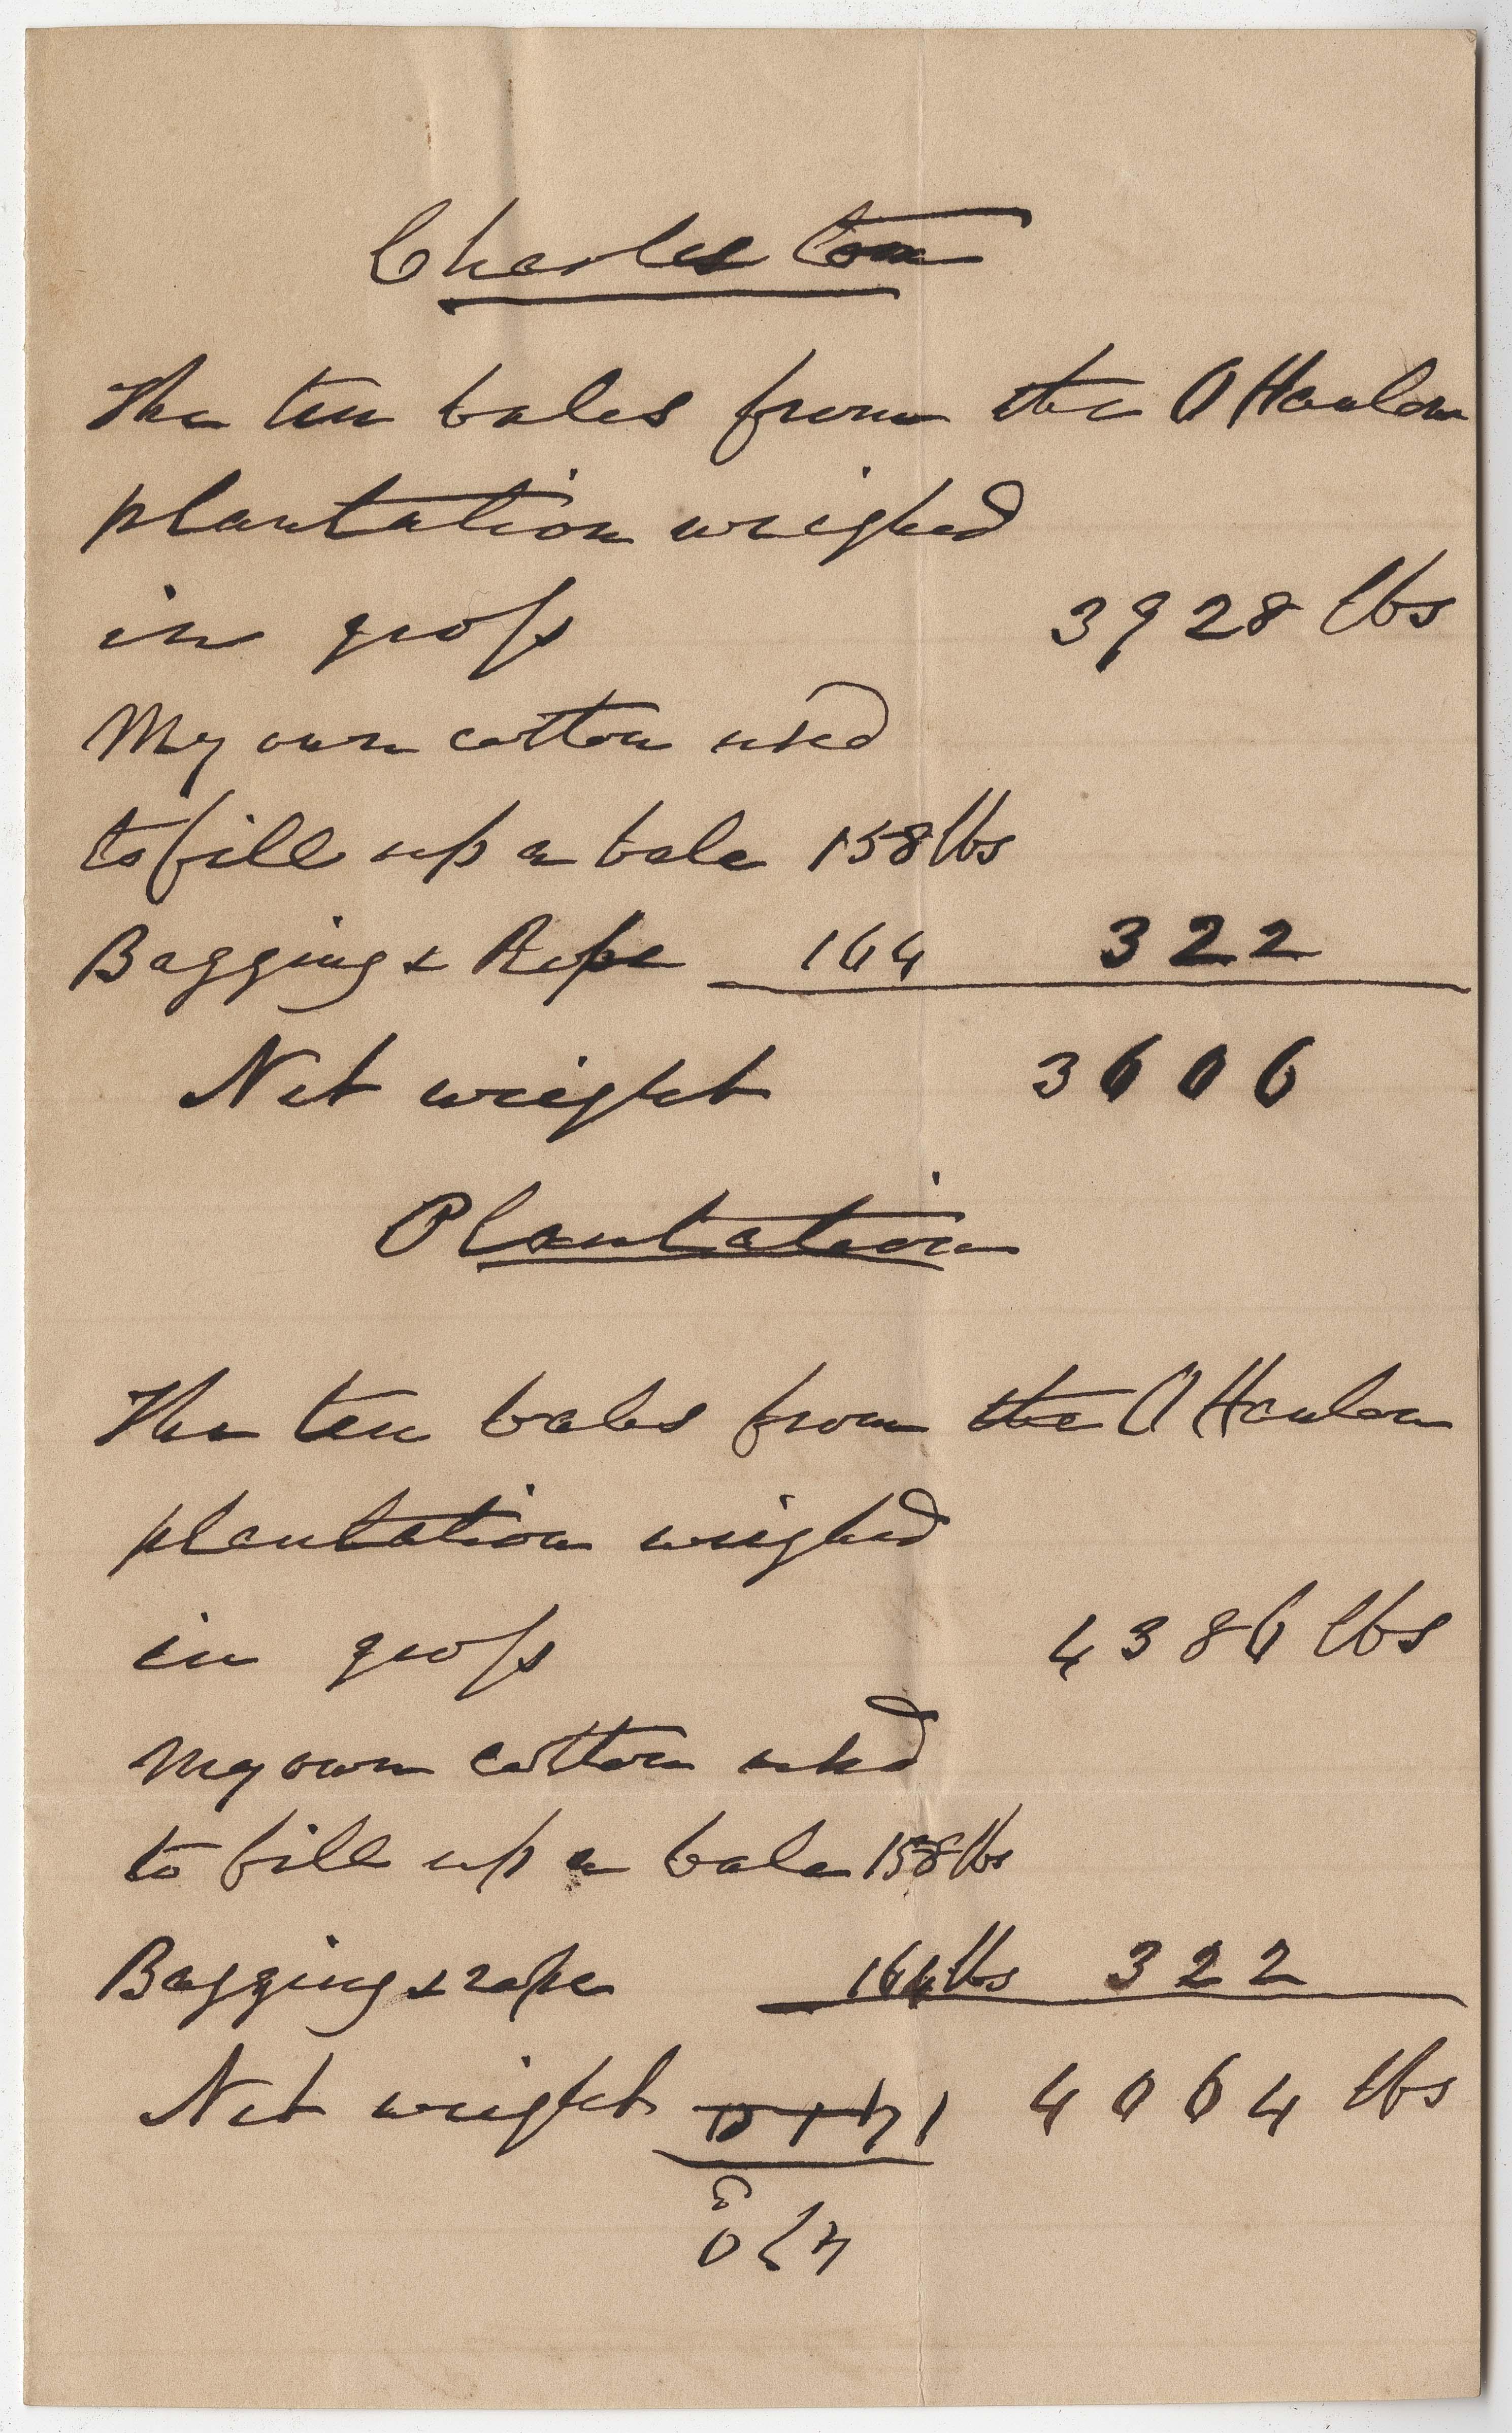 230. Cotton weights at plantation and Charleston -- ca. 1865